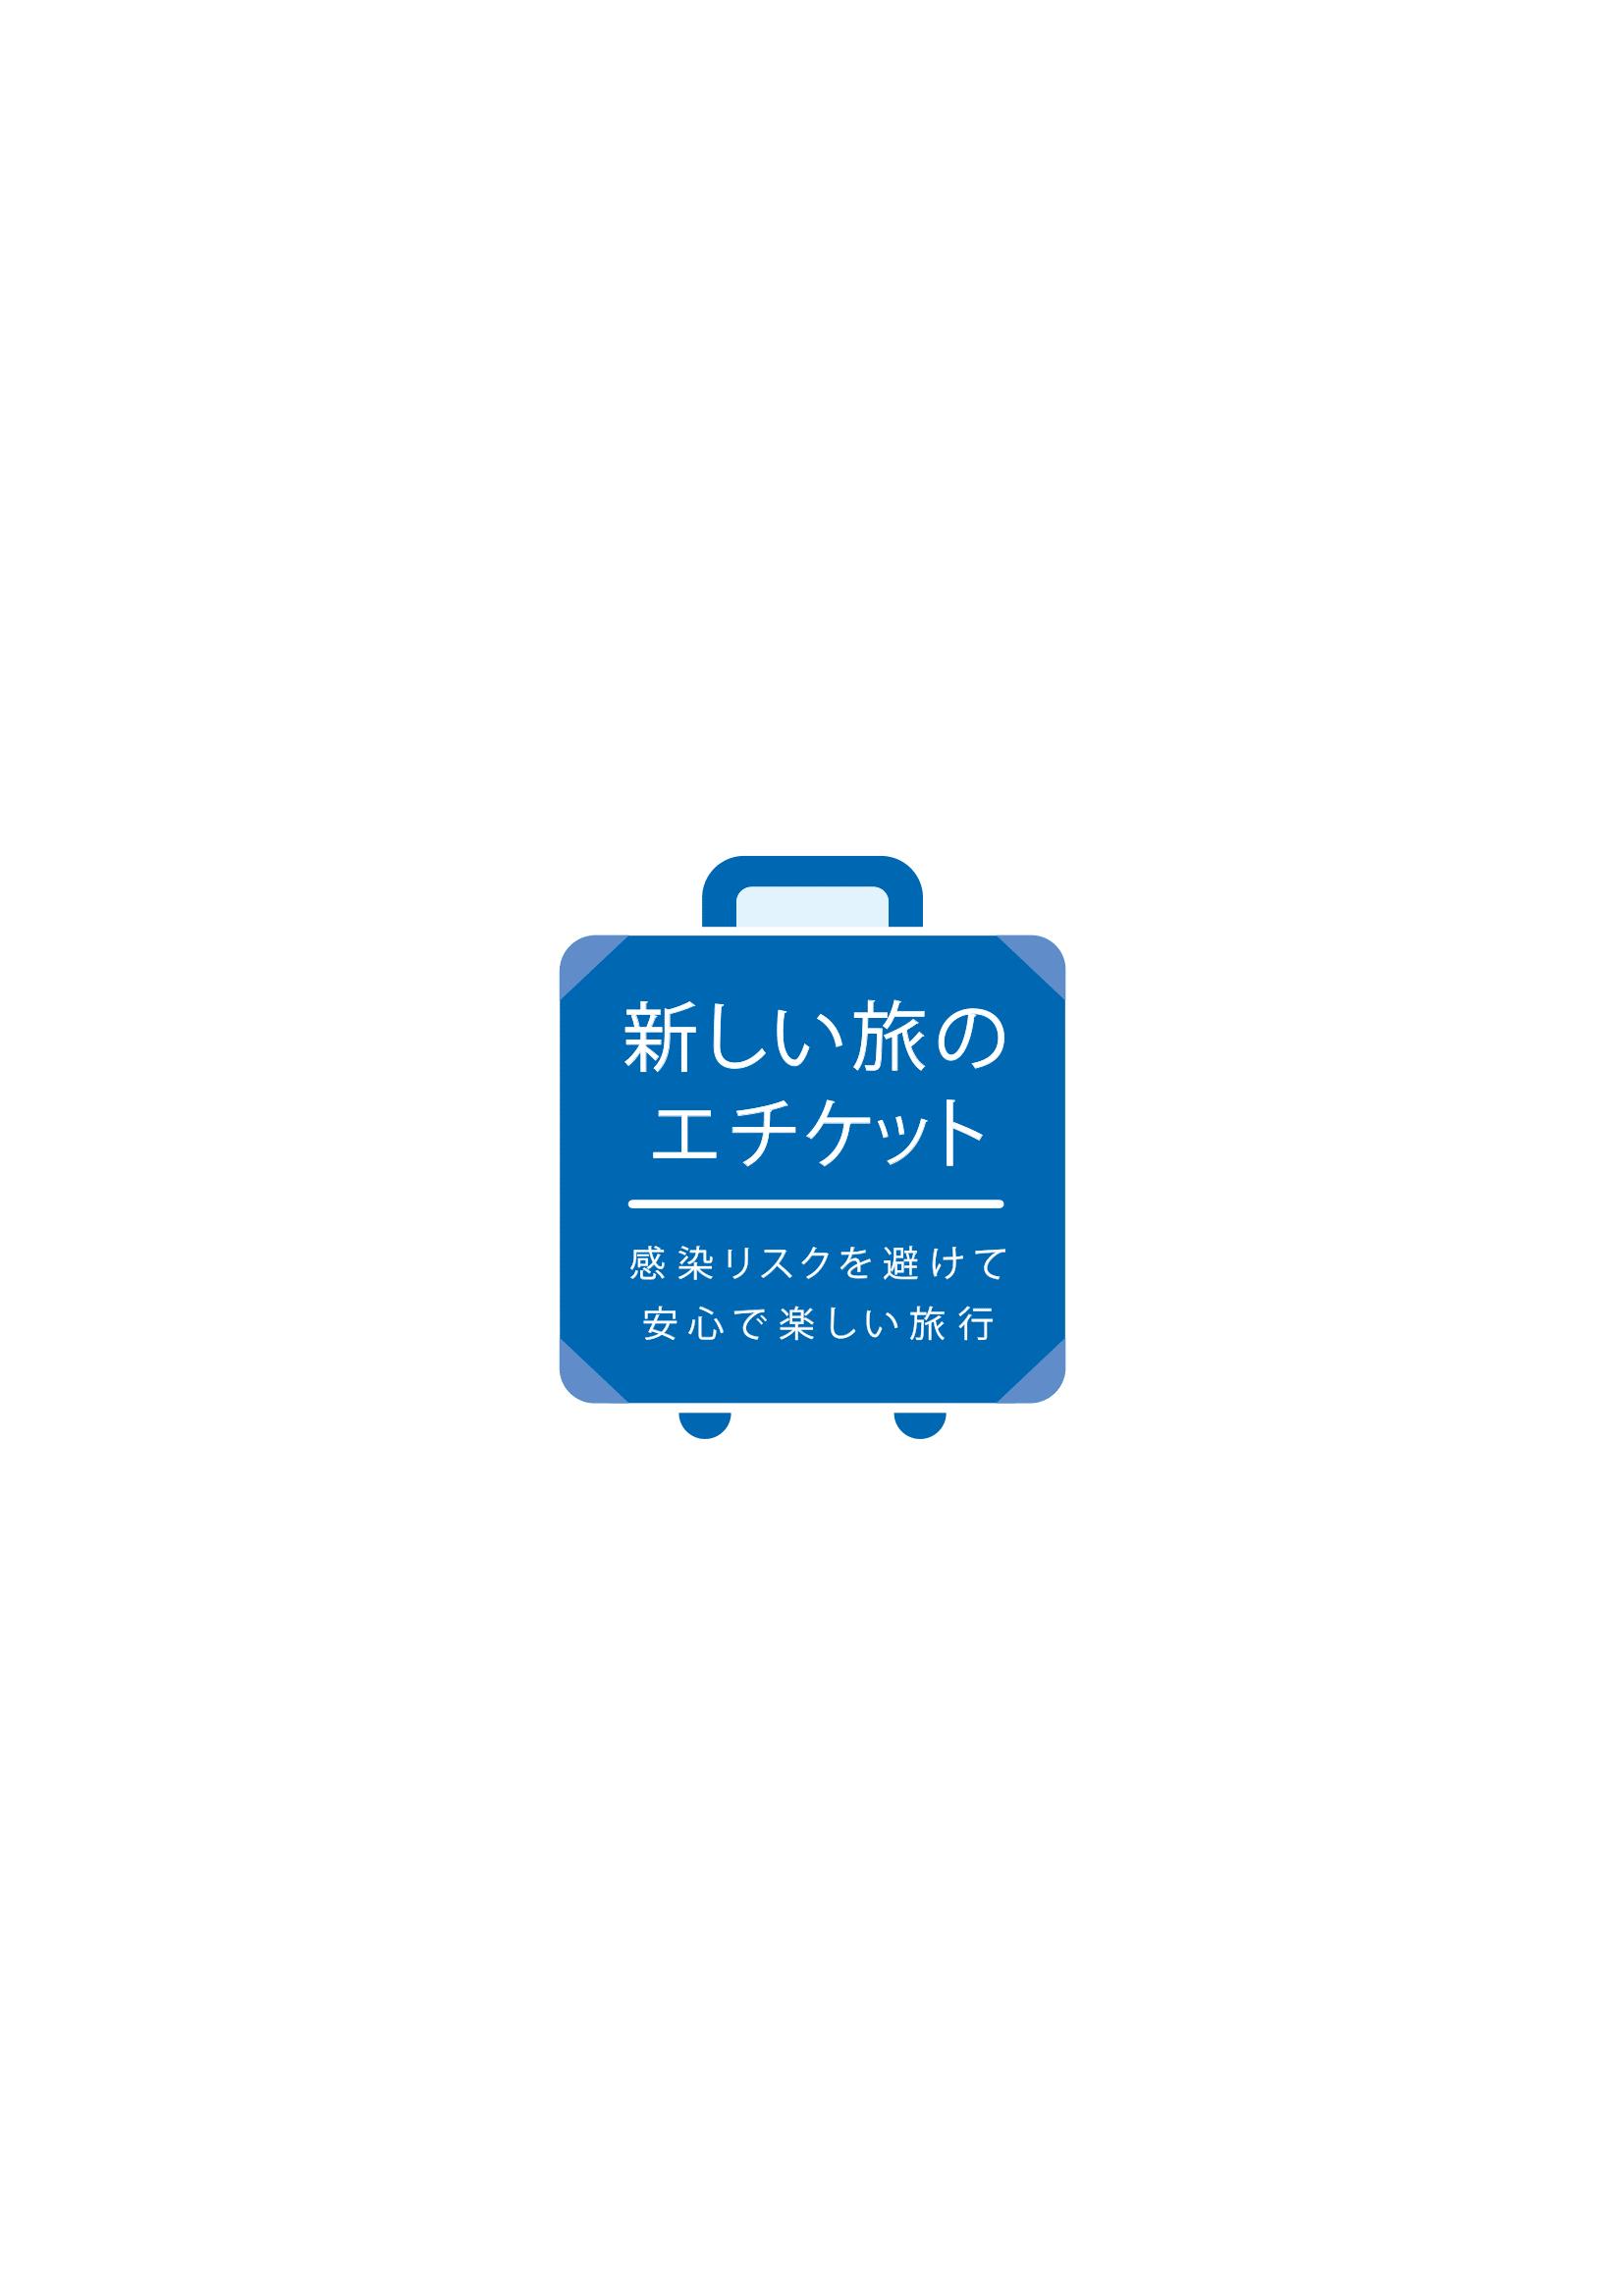 logo_copy_sample-1